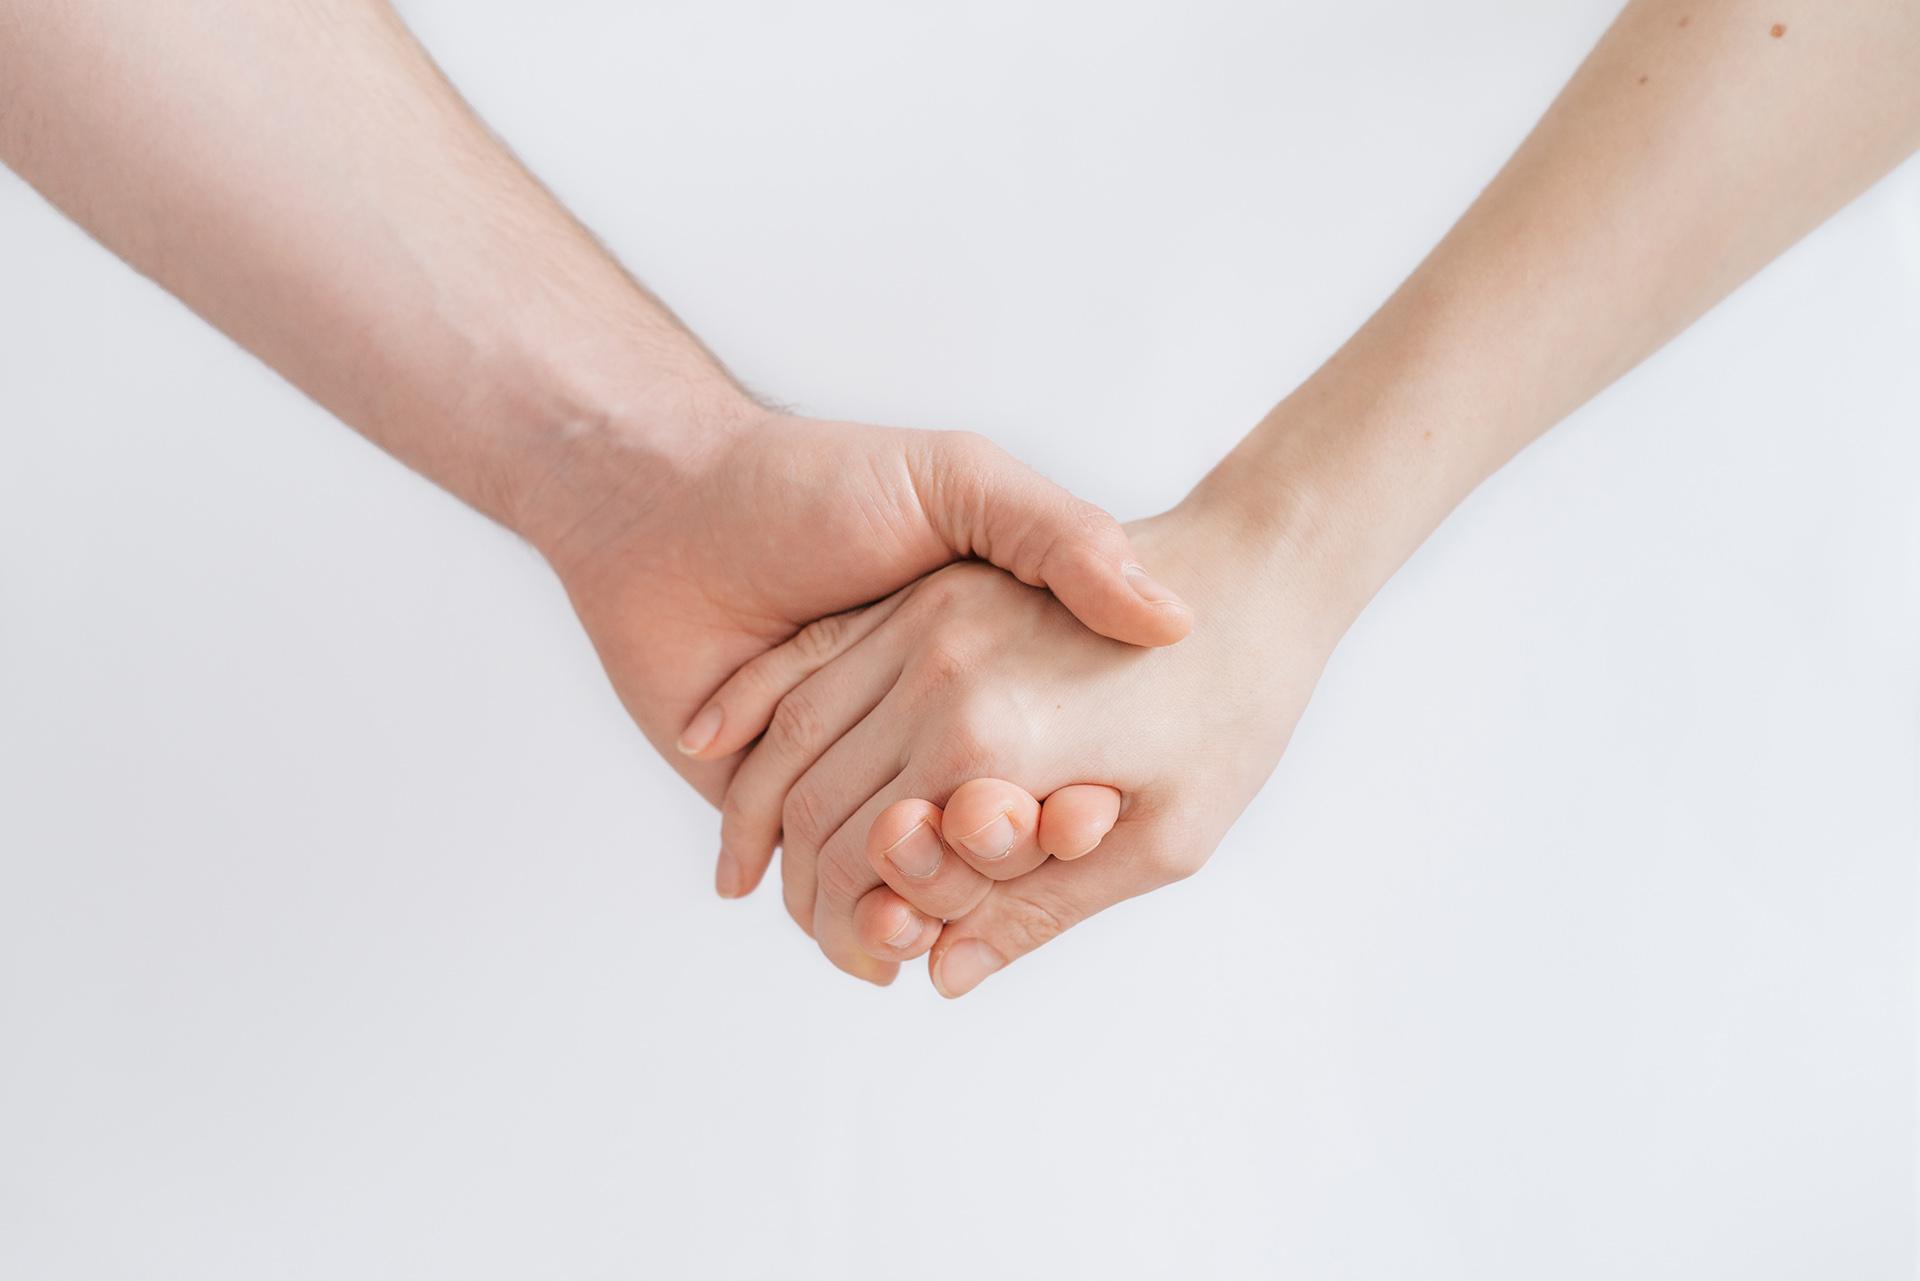 Bild in dem Händchen gehalten wird